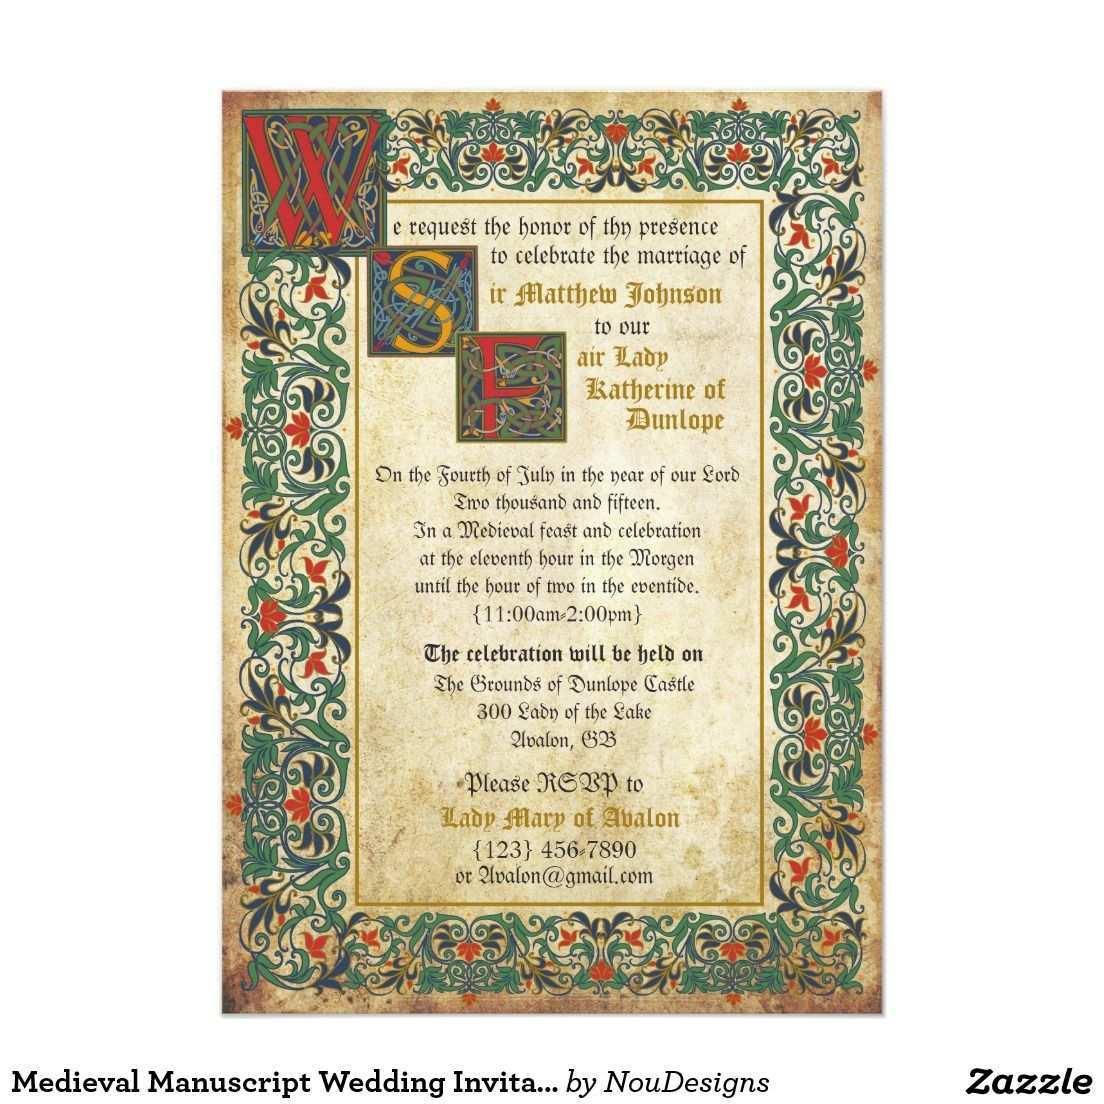 Medieval Manuscript Wedding Invitation Card Zazzle Com Einladungen Einladungskarten Karte Hochzeit